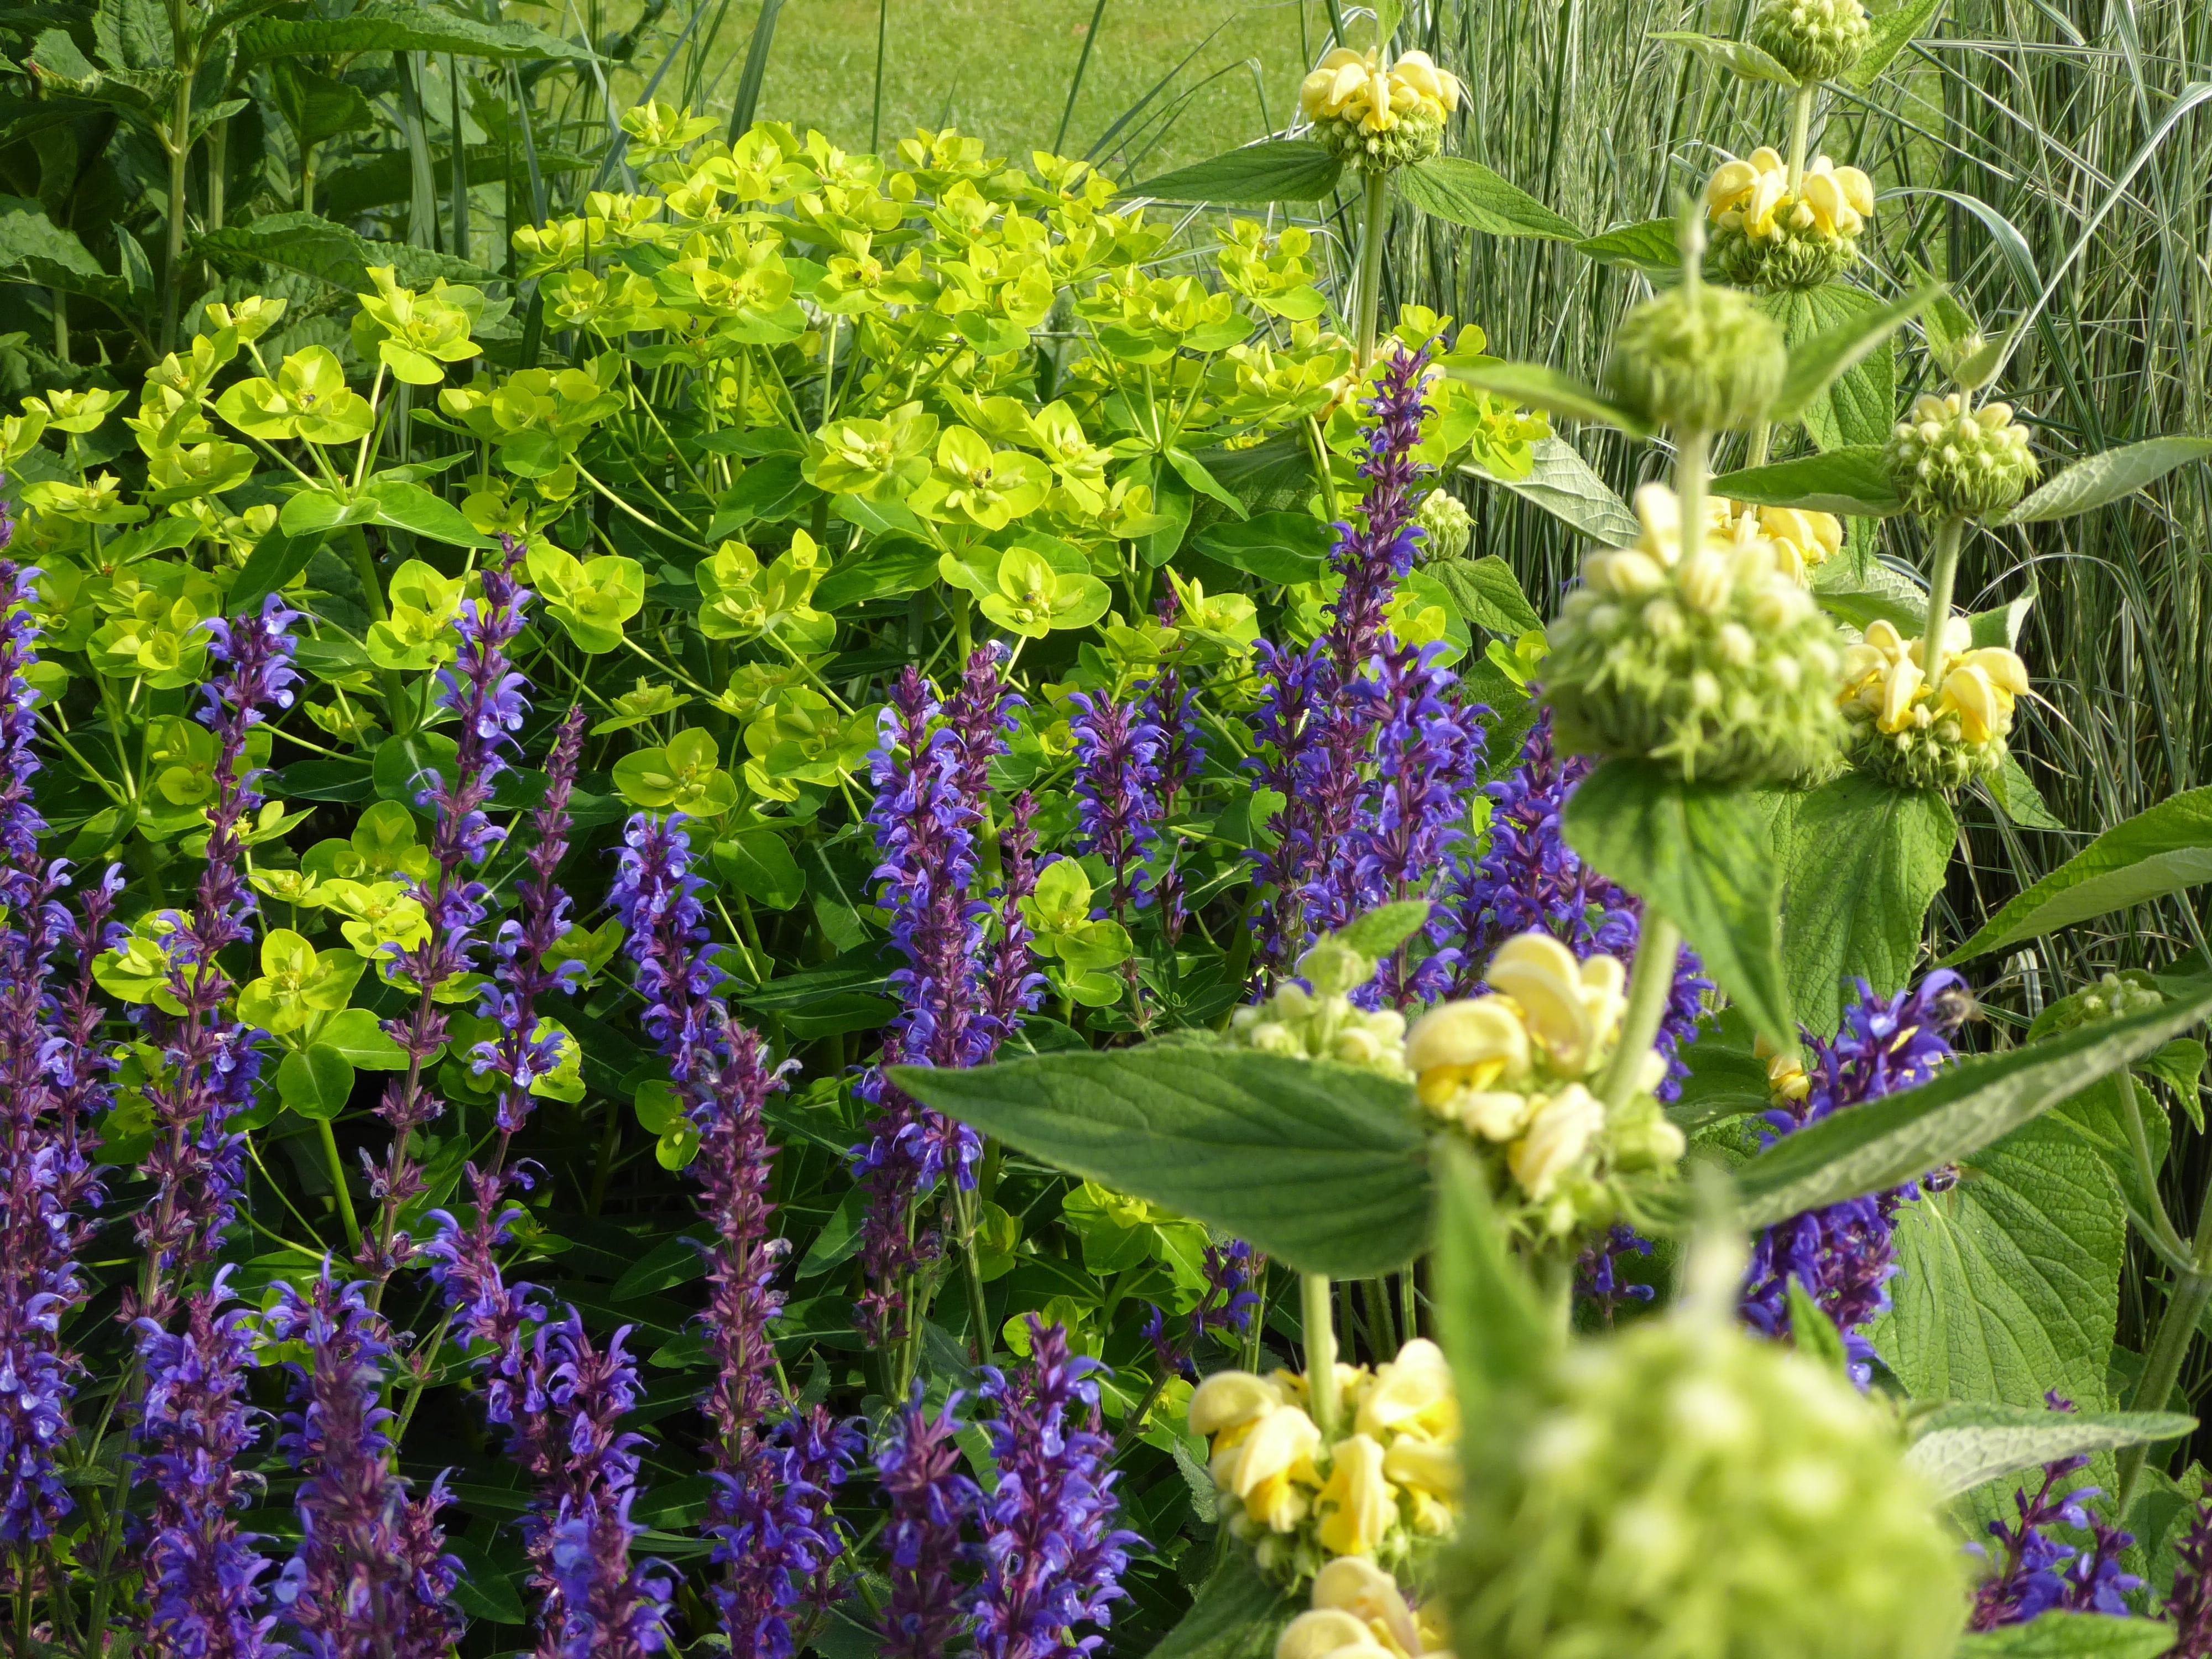 combinatie van Salvia 'Caradonna' (salie), Phlomis russeliana (brandkruid) en Euphorbia wallichii (wolfsmelk)